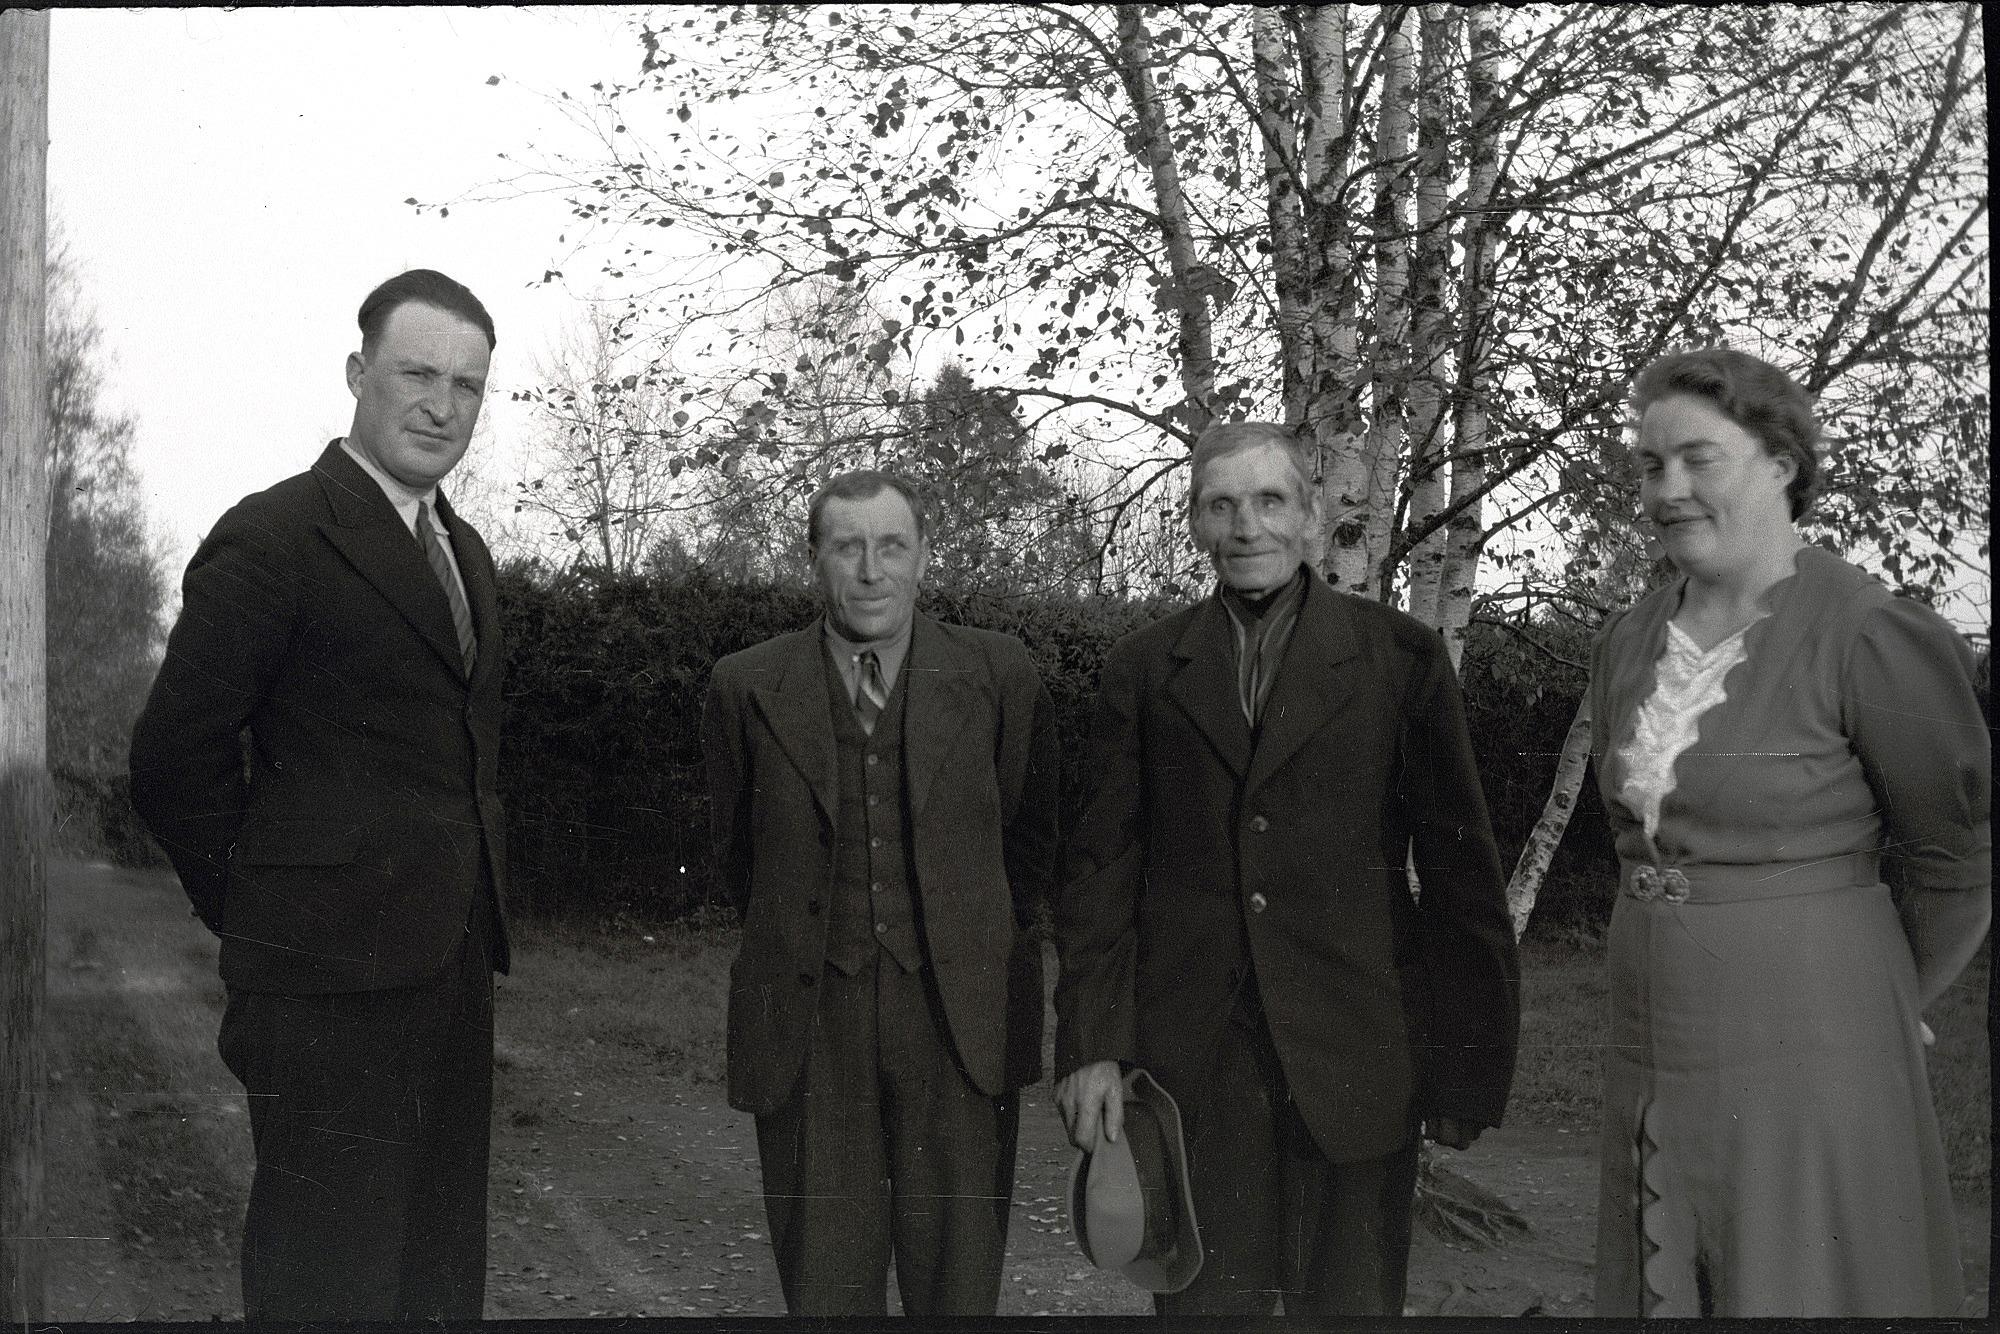 På detta foto som är taget på skolgården har lärarparet Einar och Linnea Lind besök av Erland Krook t.v. och Henrik Agnäs t.h.